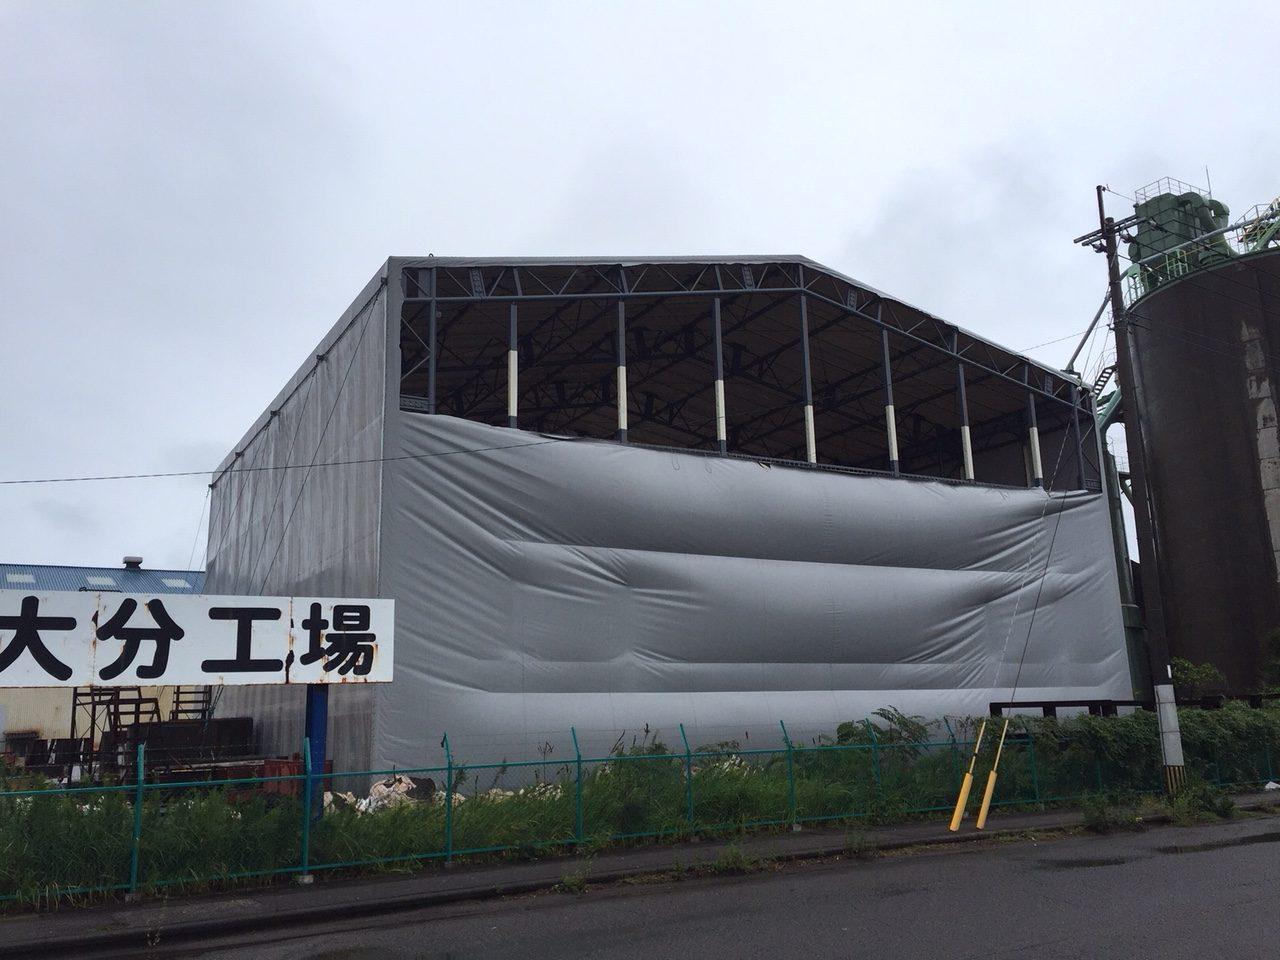 大分市大在、テント倉庫の修理をさせていただきました。